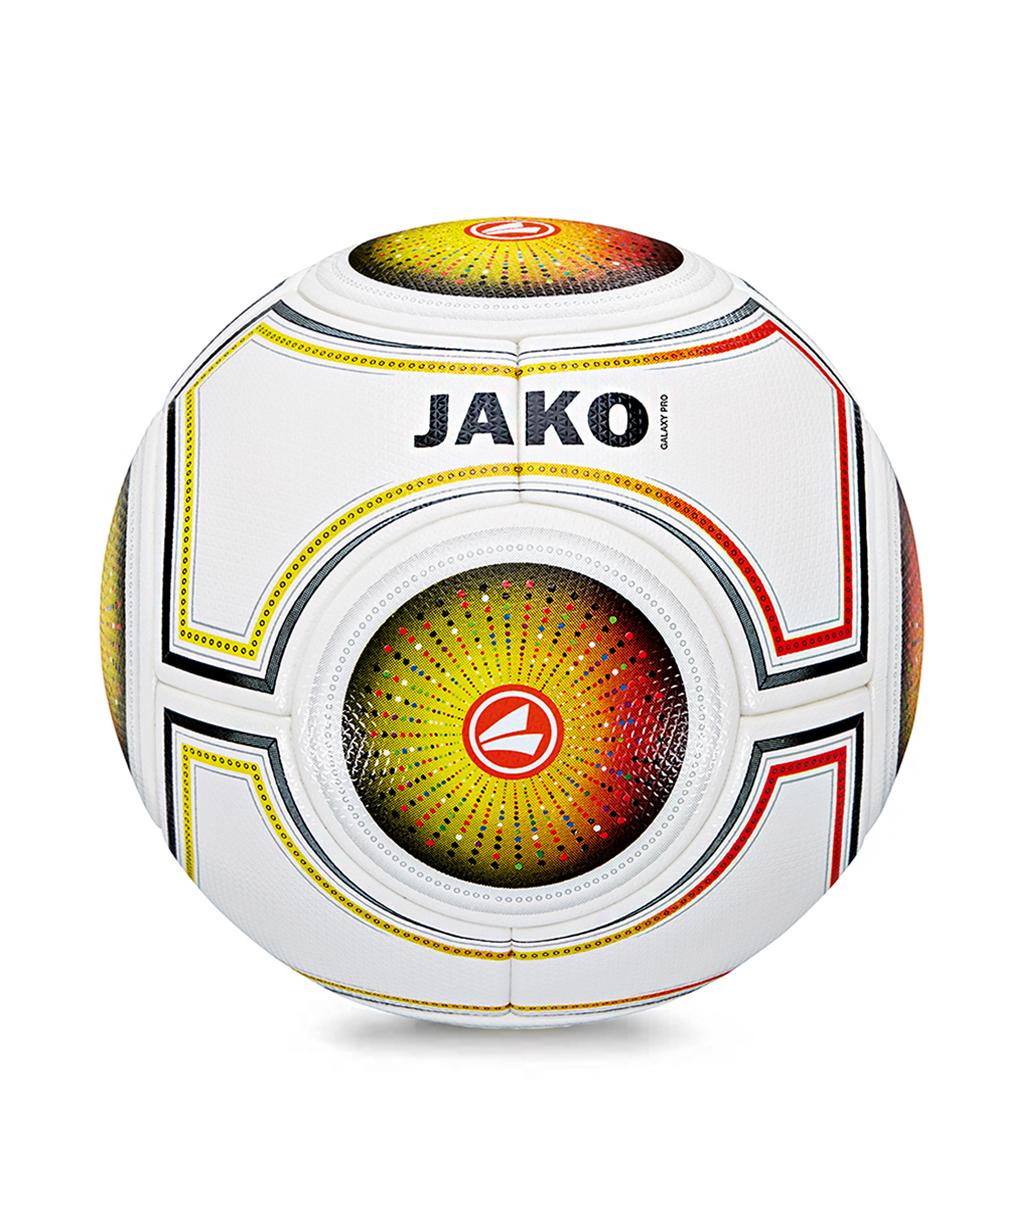 Футбольный мяч Jako Galaxy Pro (Размер 5)